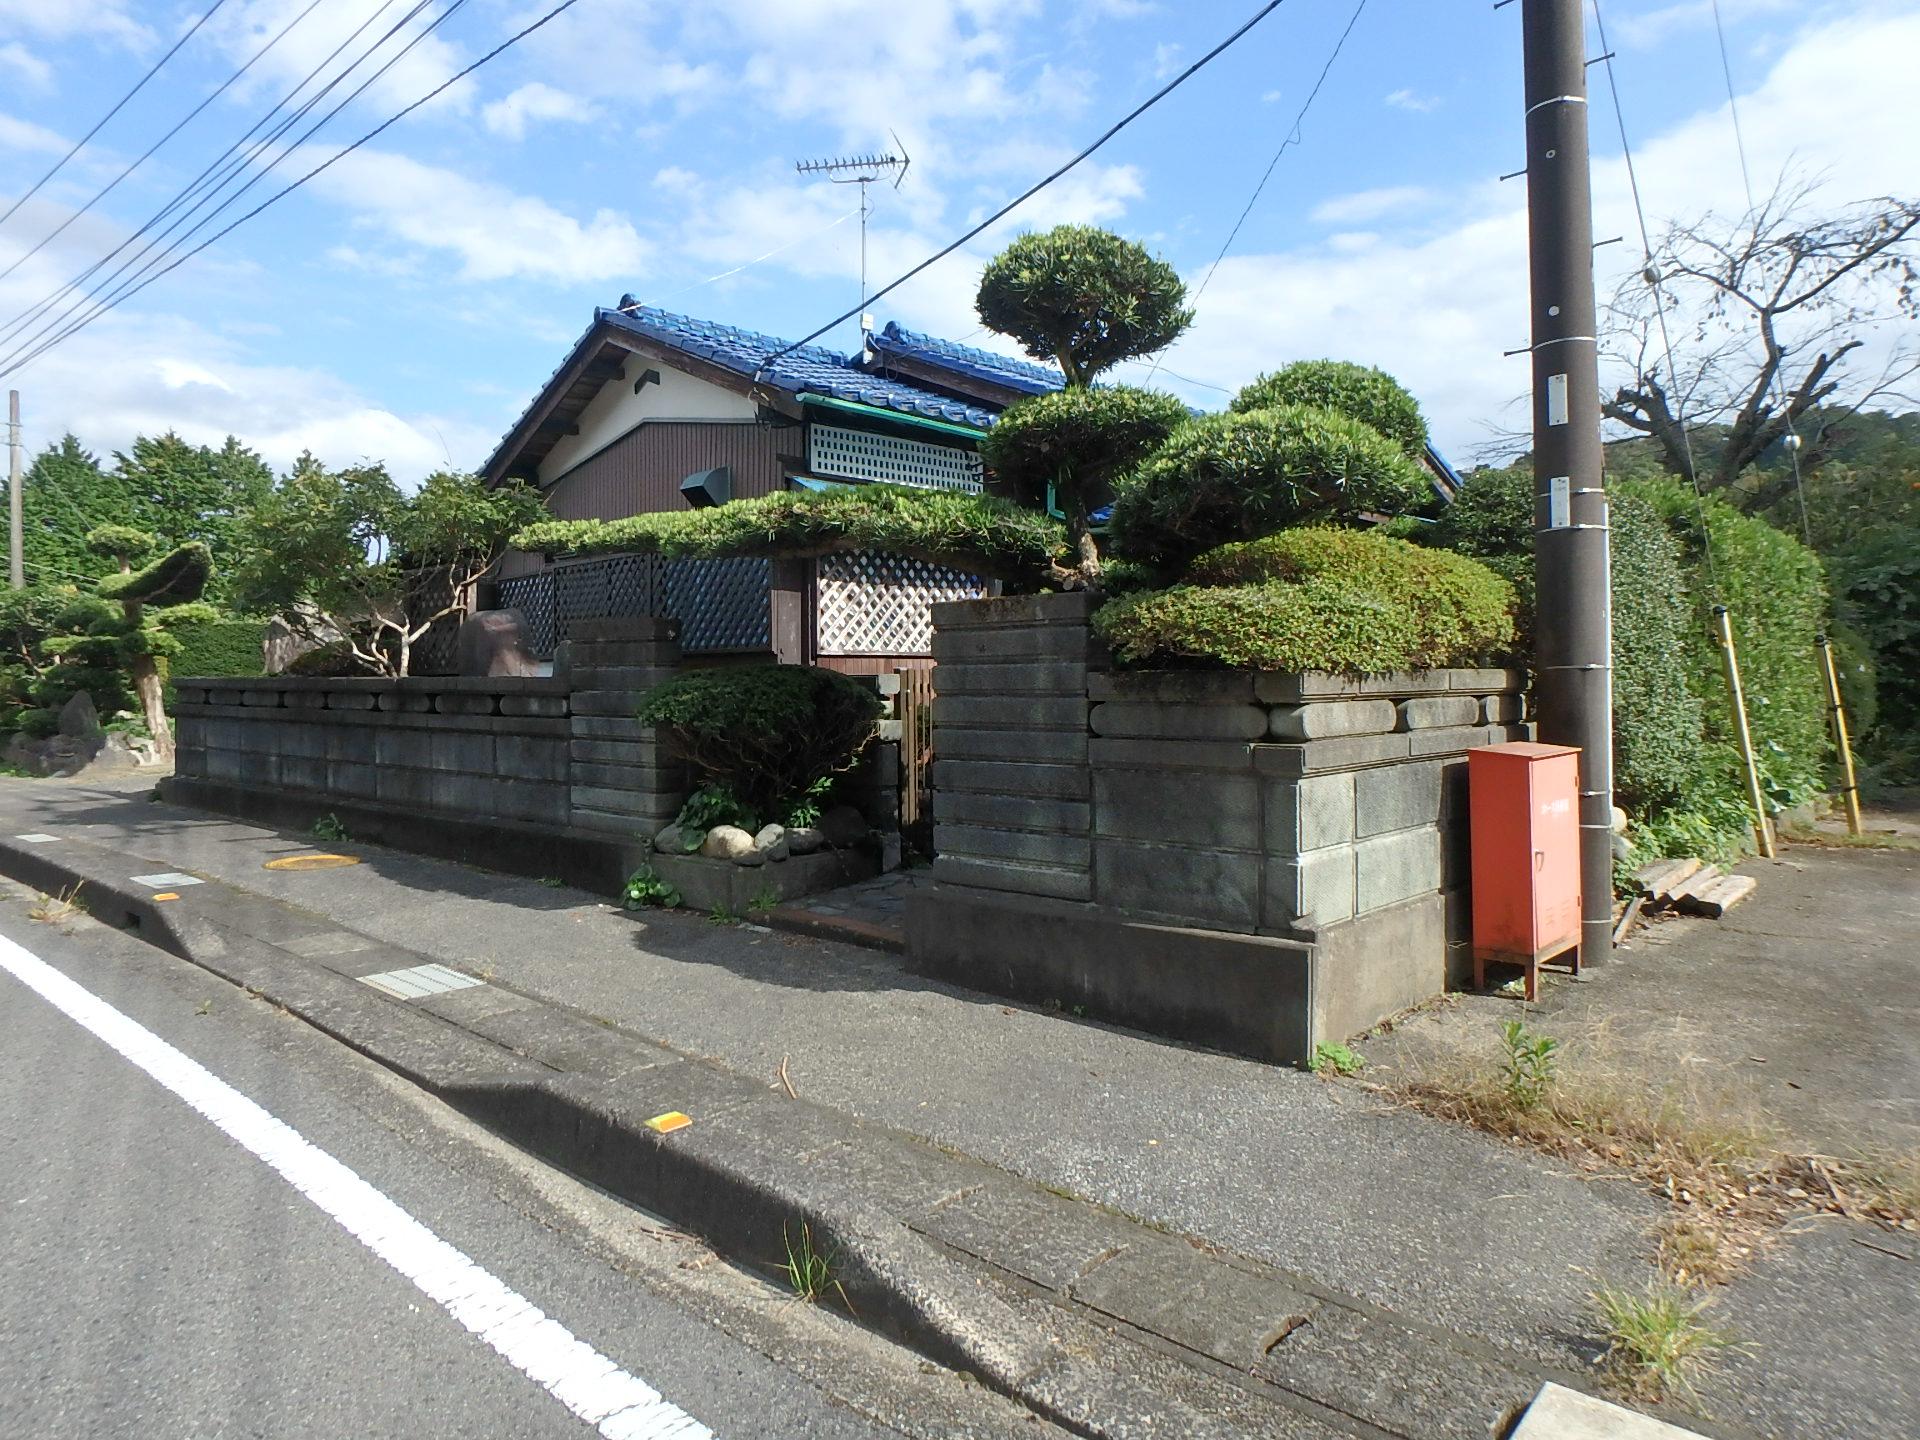 千葉県夷隅郡大多喜町の不動産、中古戸建て、値下げ